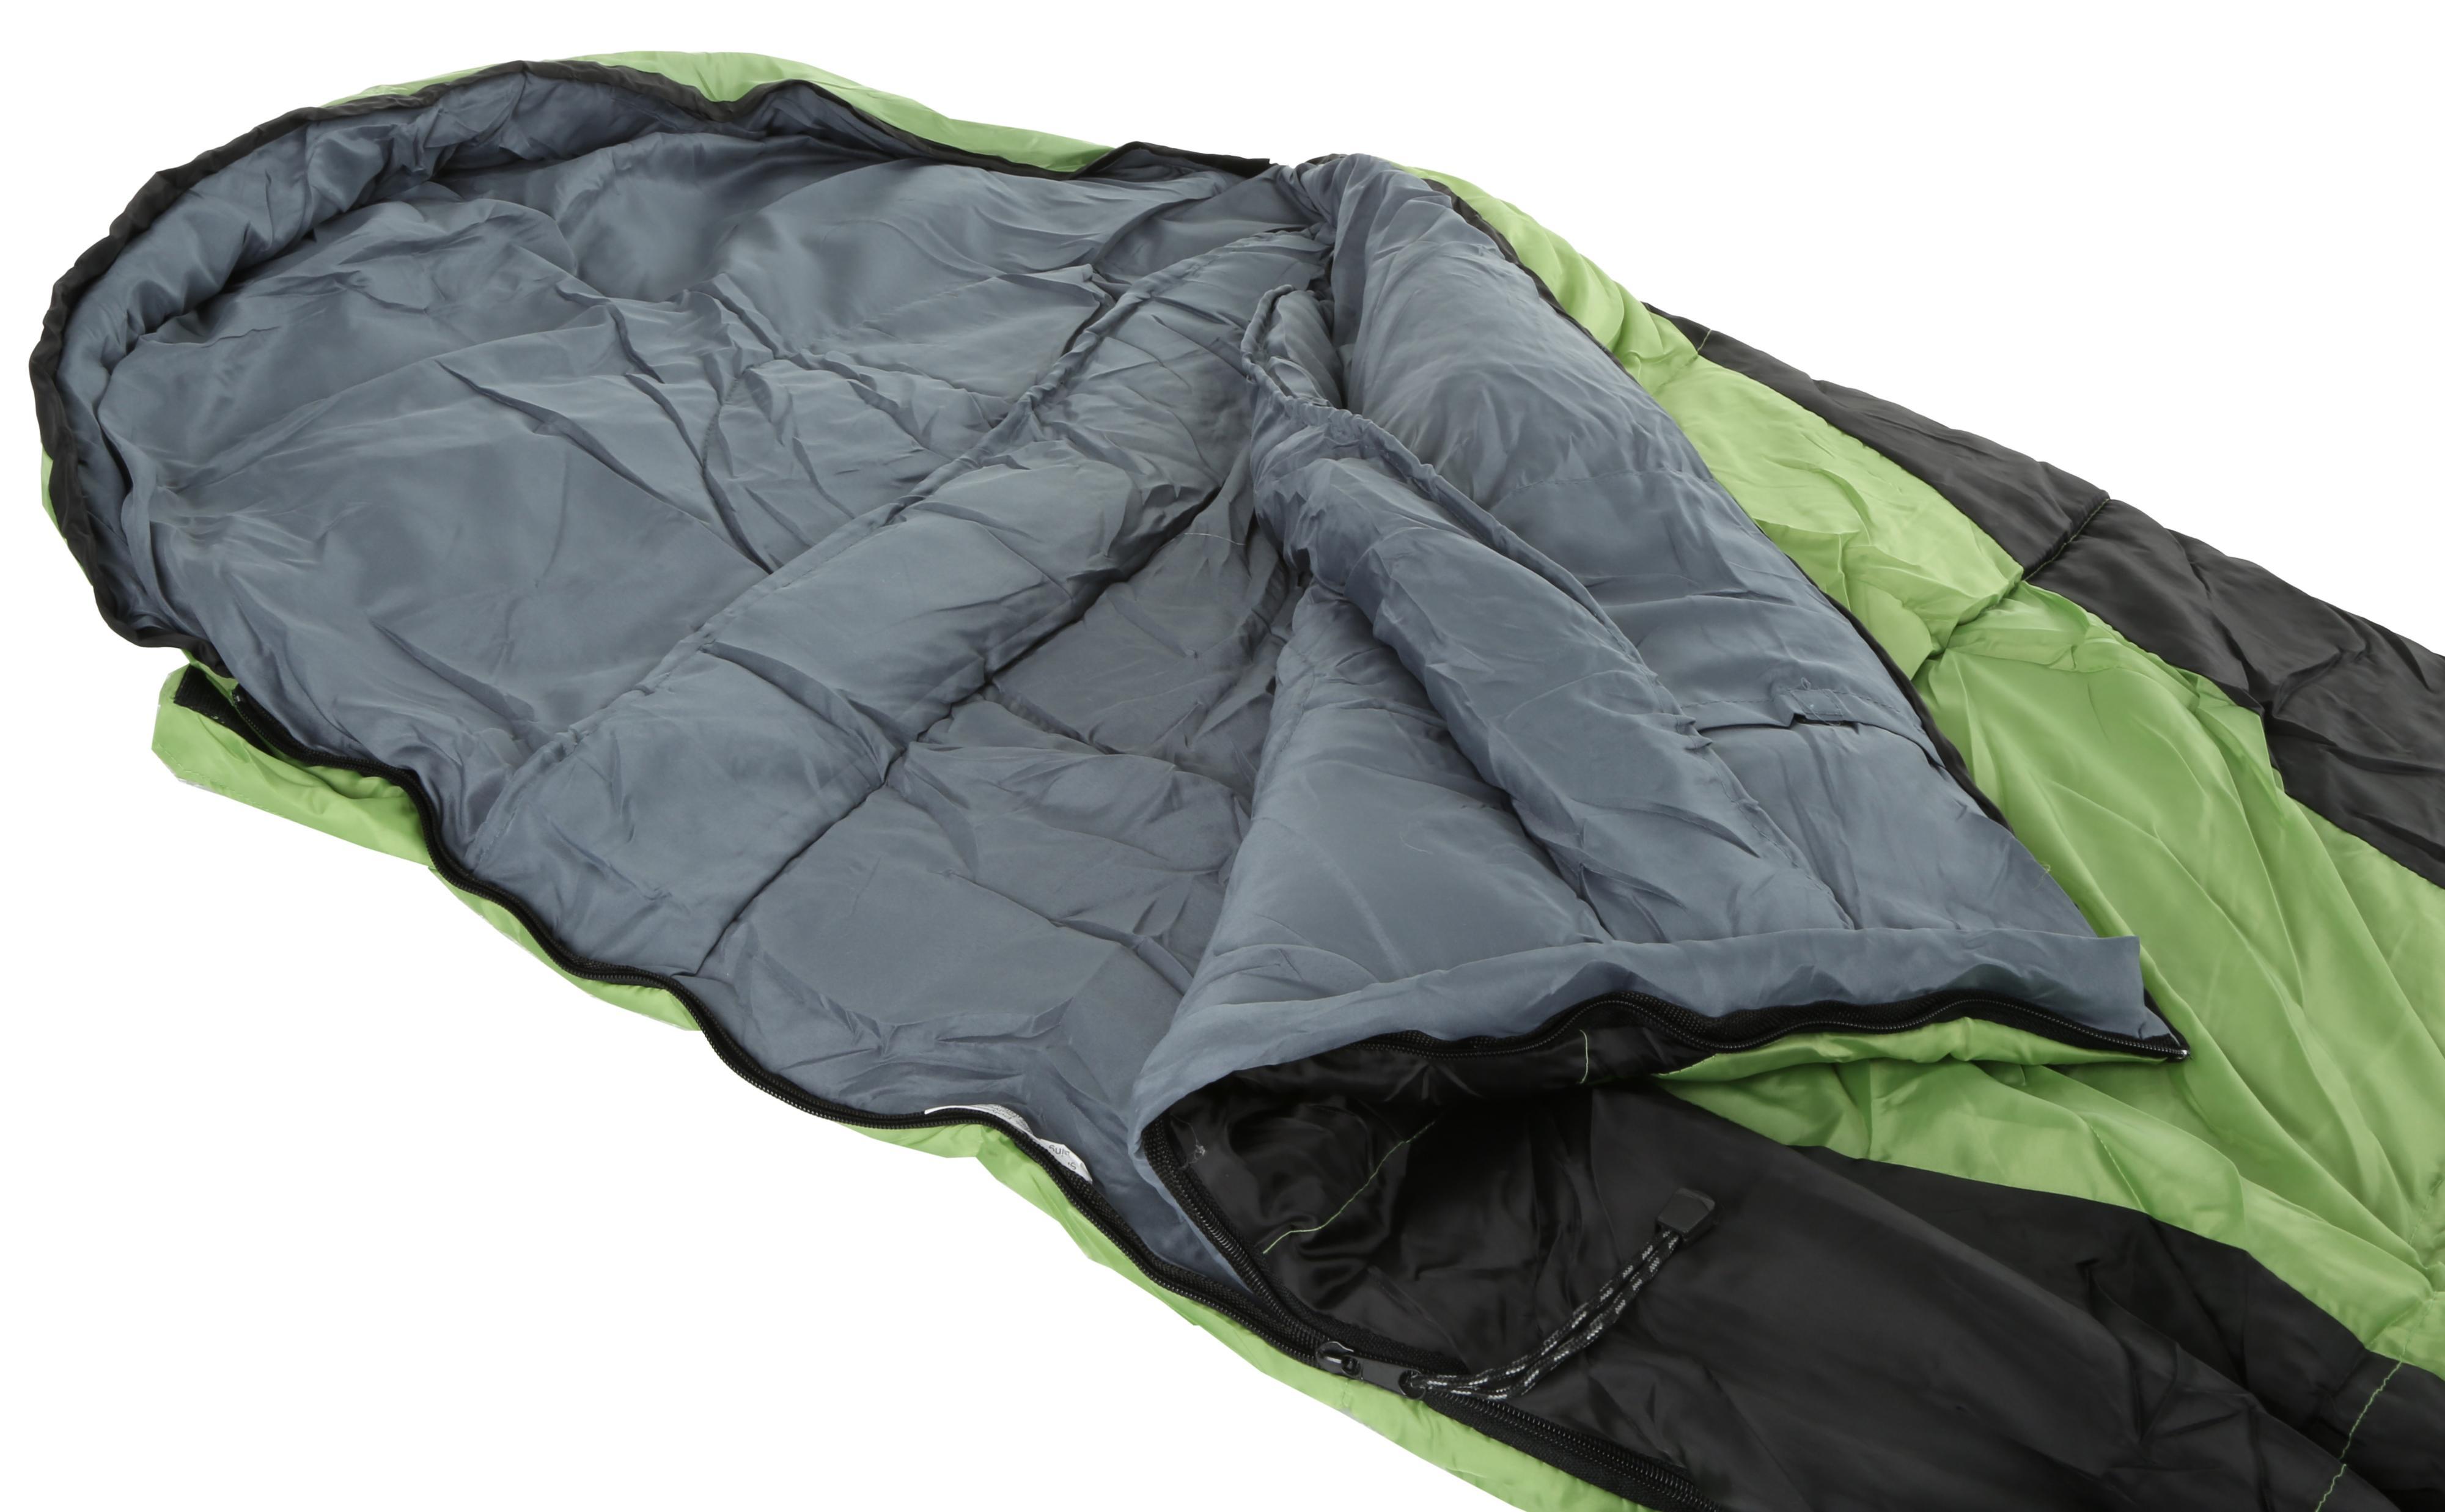 Urban Escape Garda Envelope Sleeping Bag Green Single 3 Season Double Layer